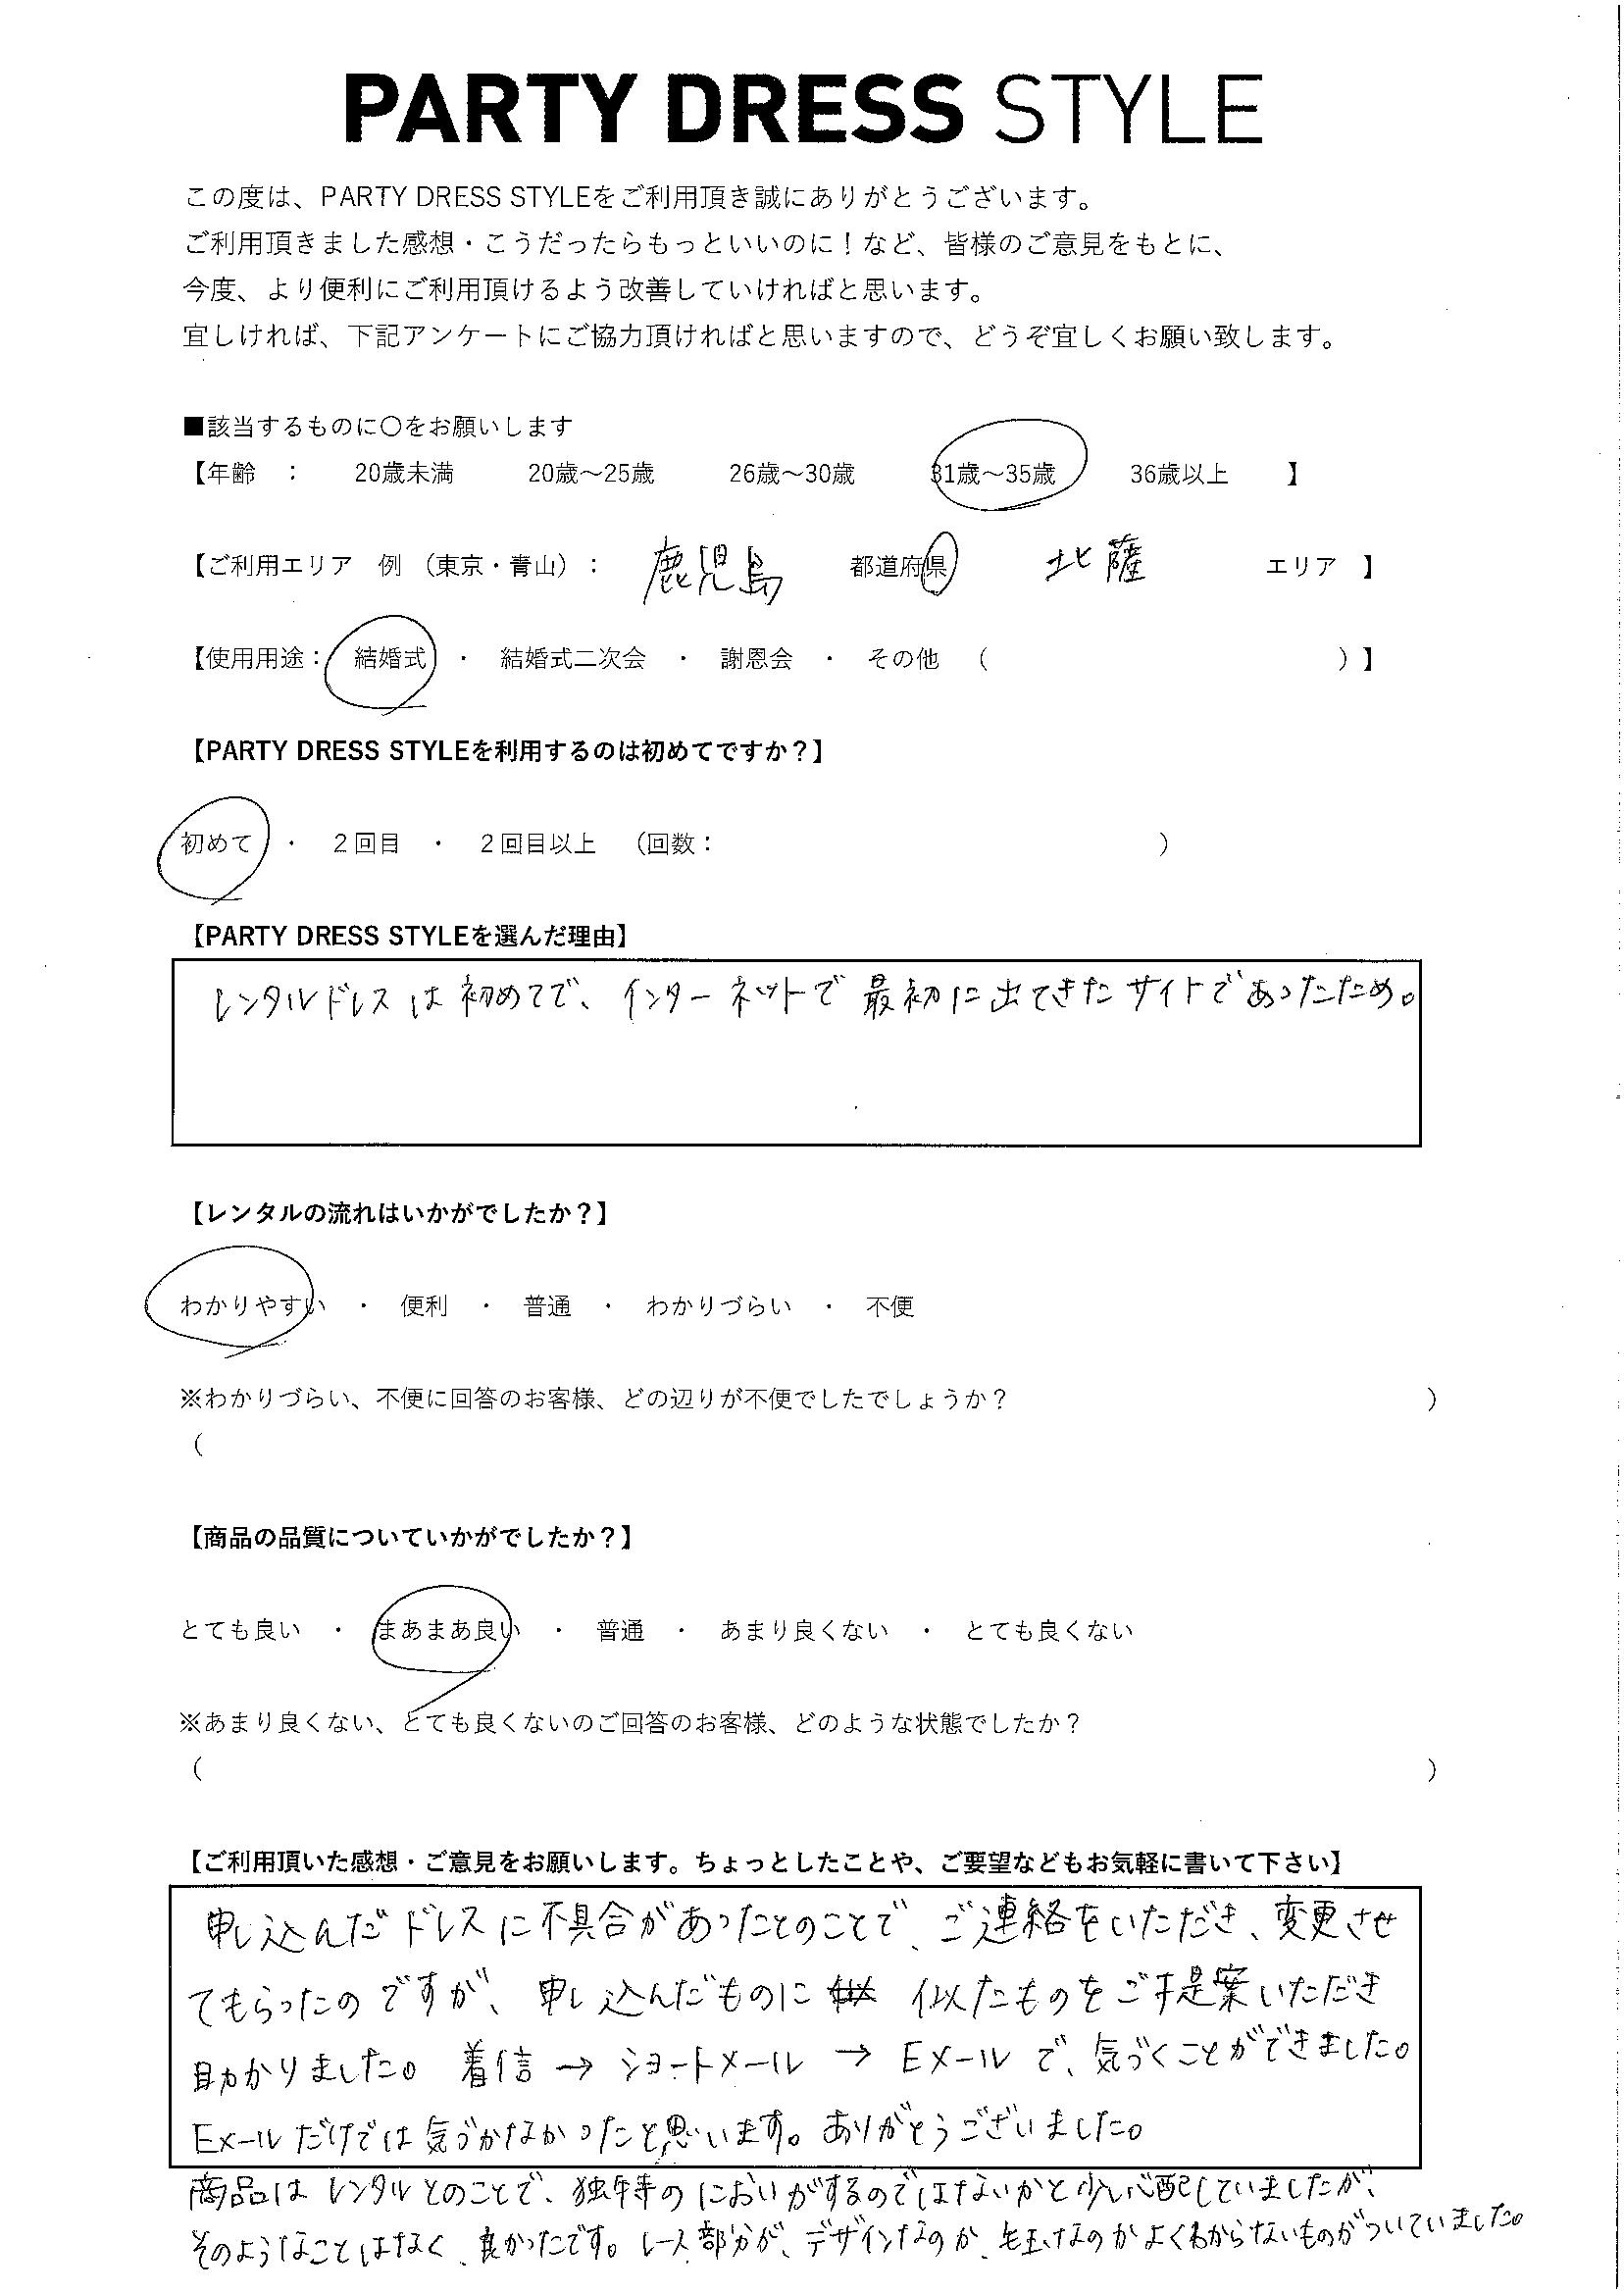 10/13結婚式 鹿児島県・北薩エリア